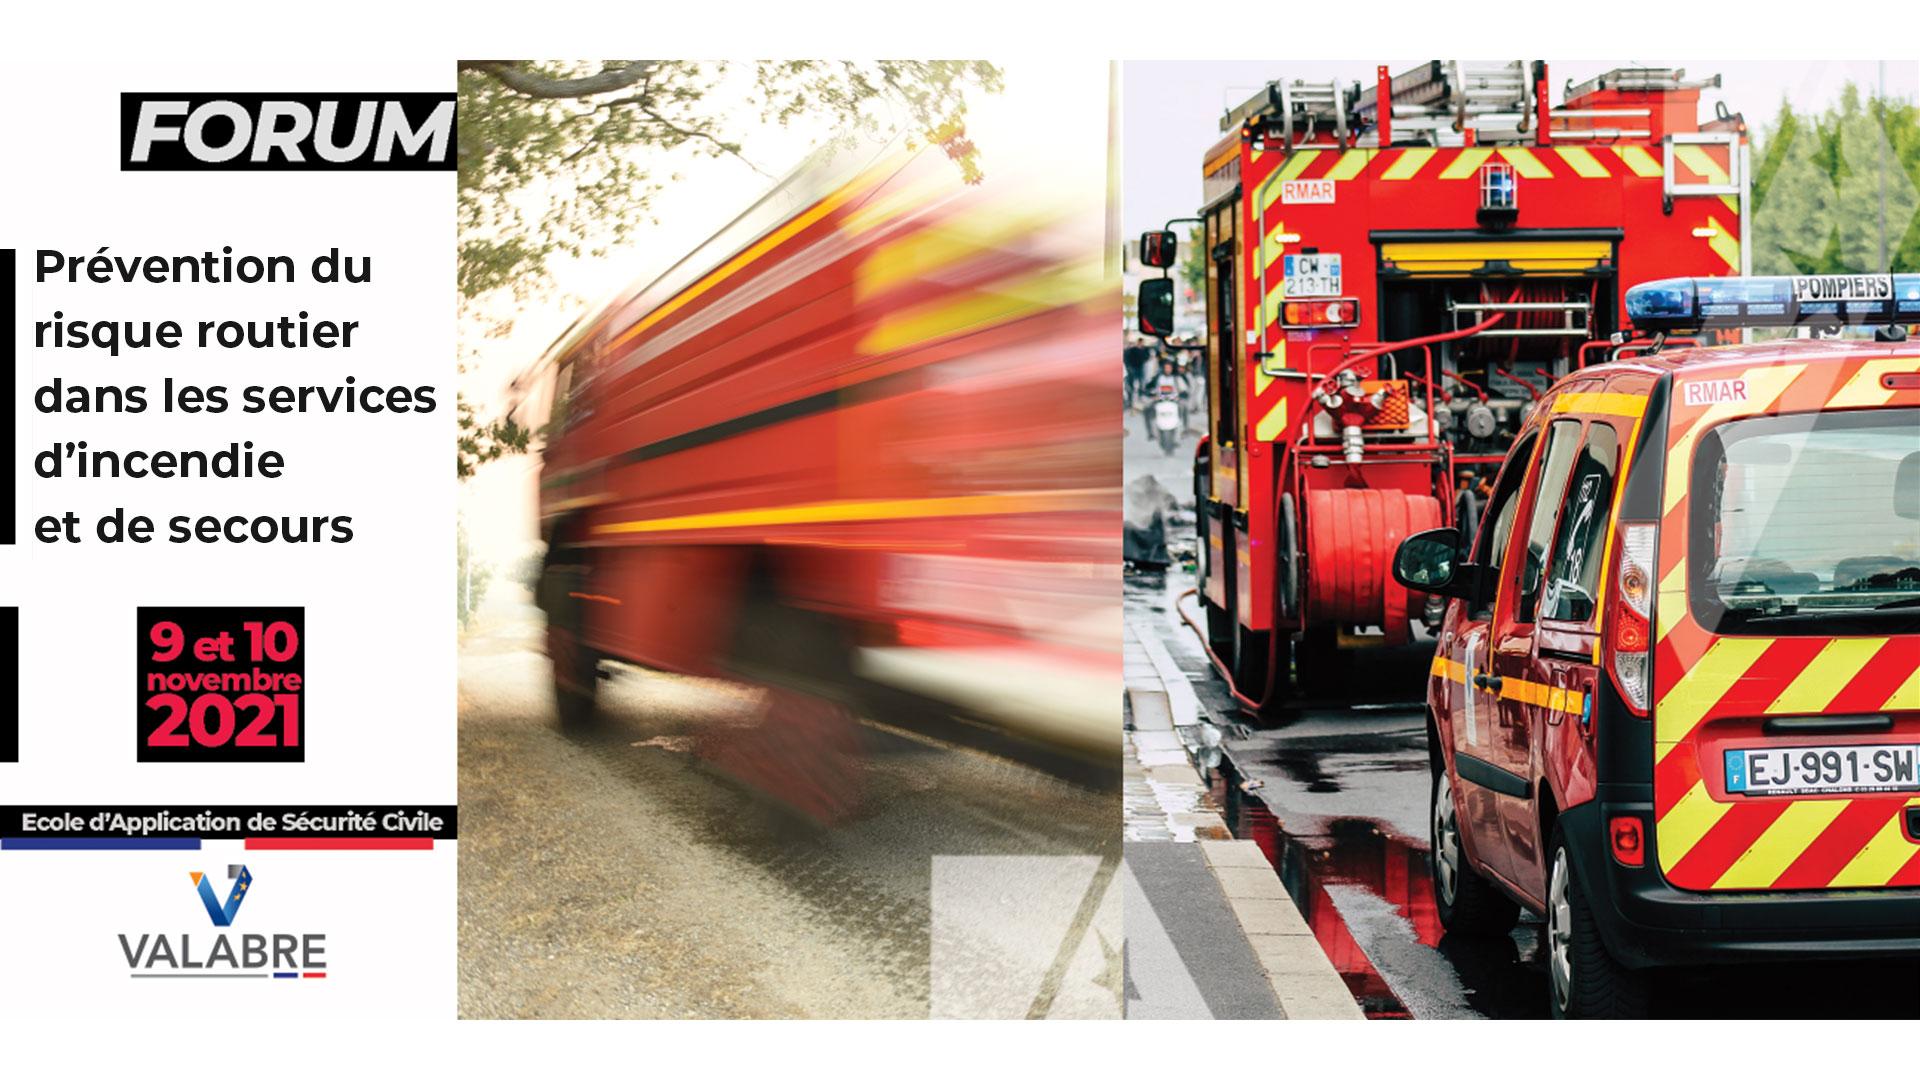 Forum: Prévention du risque routier dans les services d'incendie et de secours